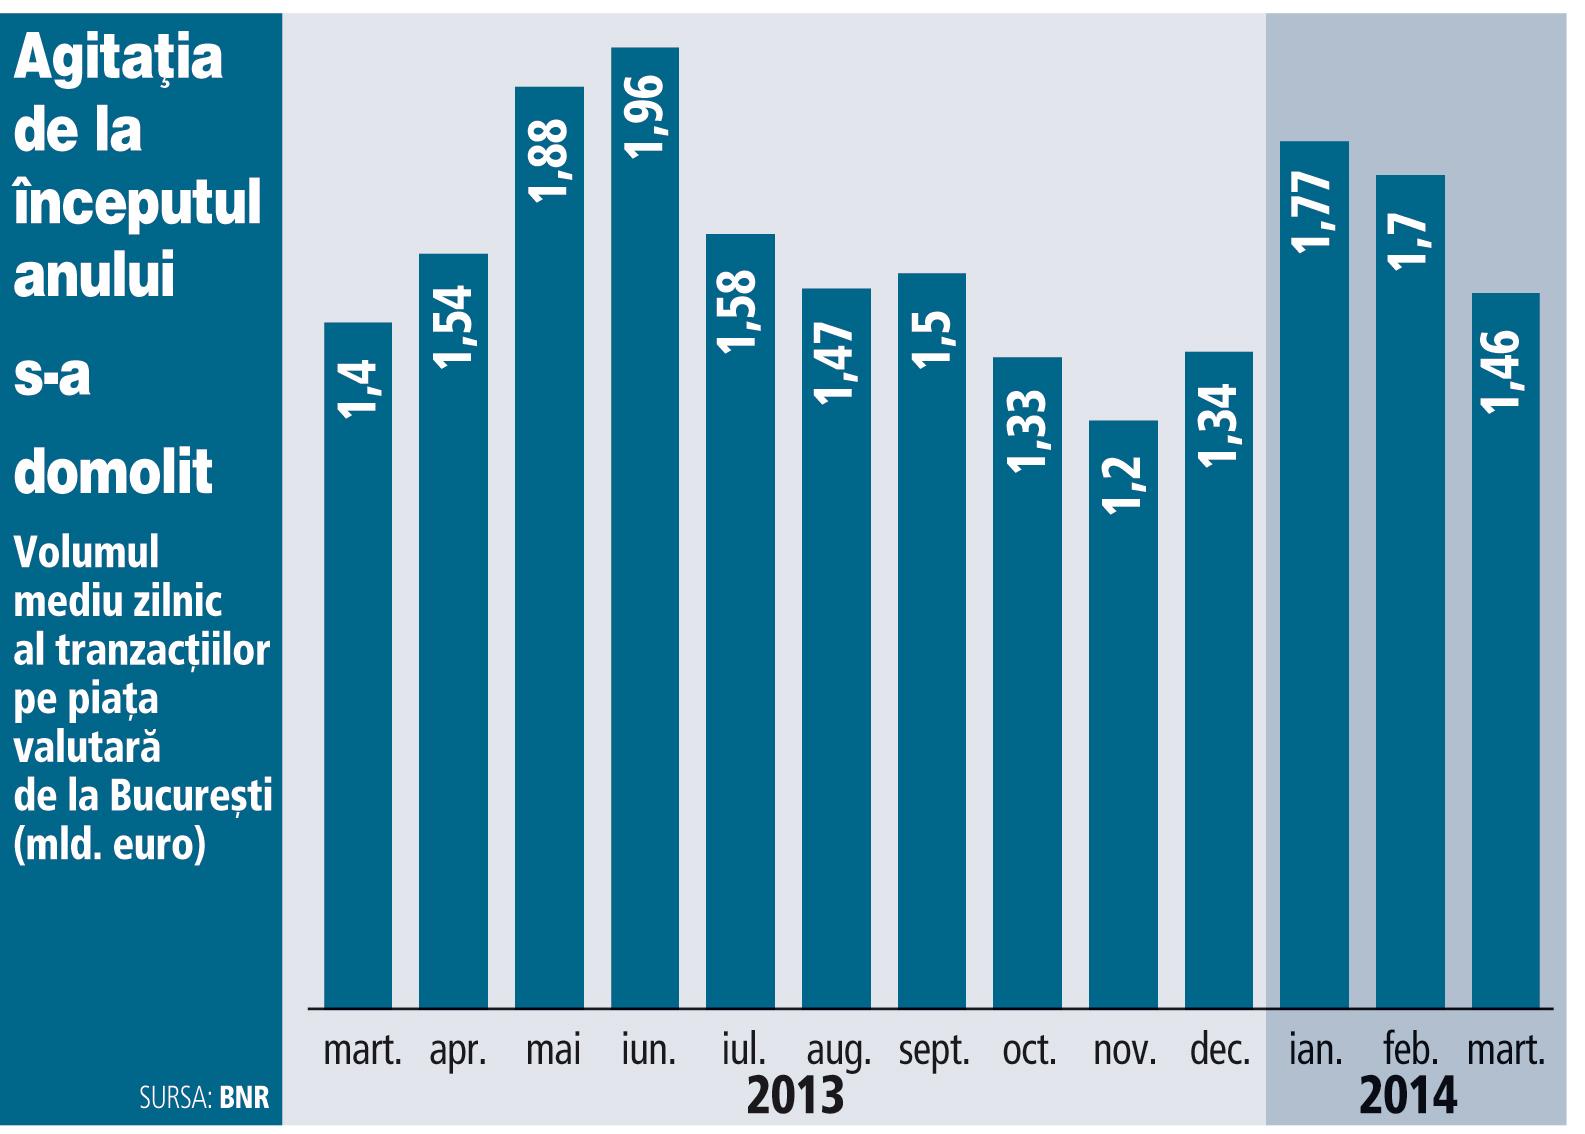 Agitaţia de pe piaţa valutară s-a temperat în martie: tranzacţiile au scăzut cu 15% faţă de ianuarie şi februarie